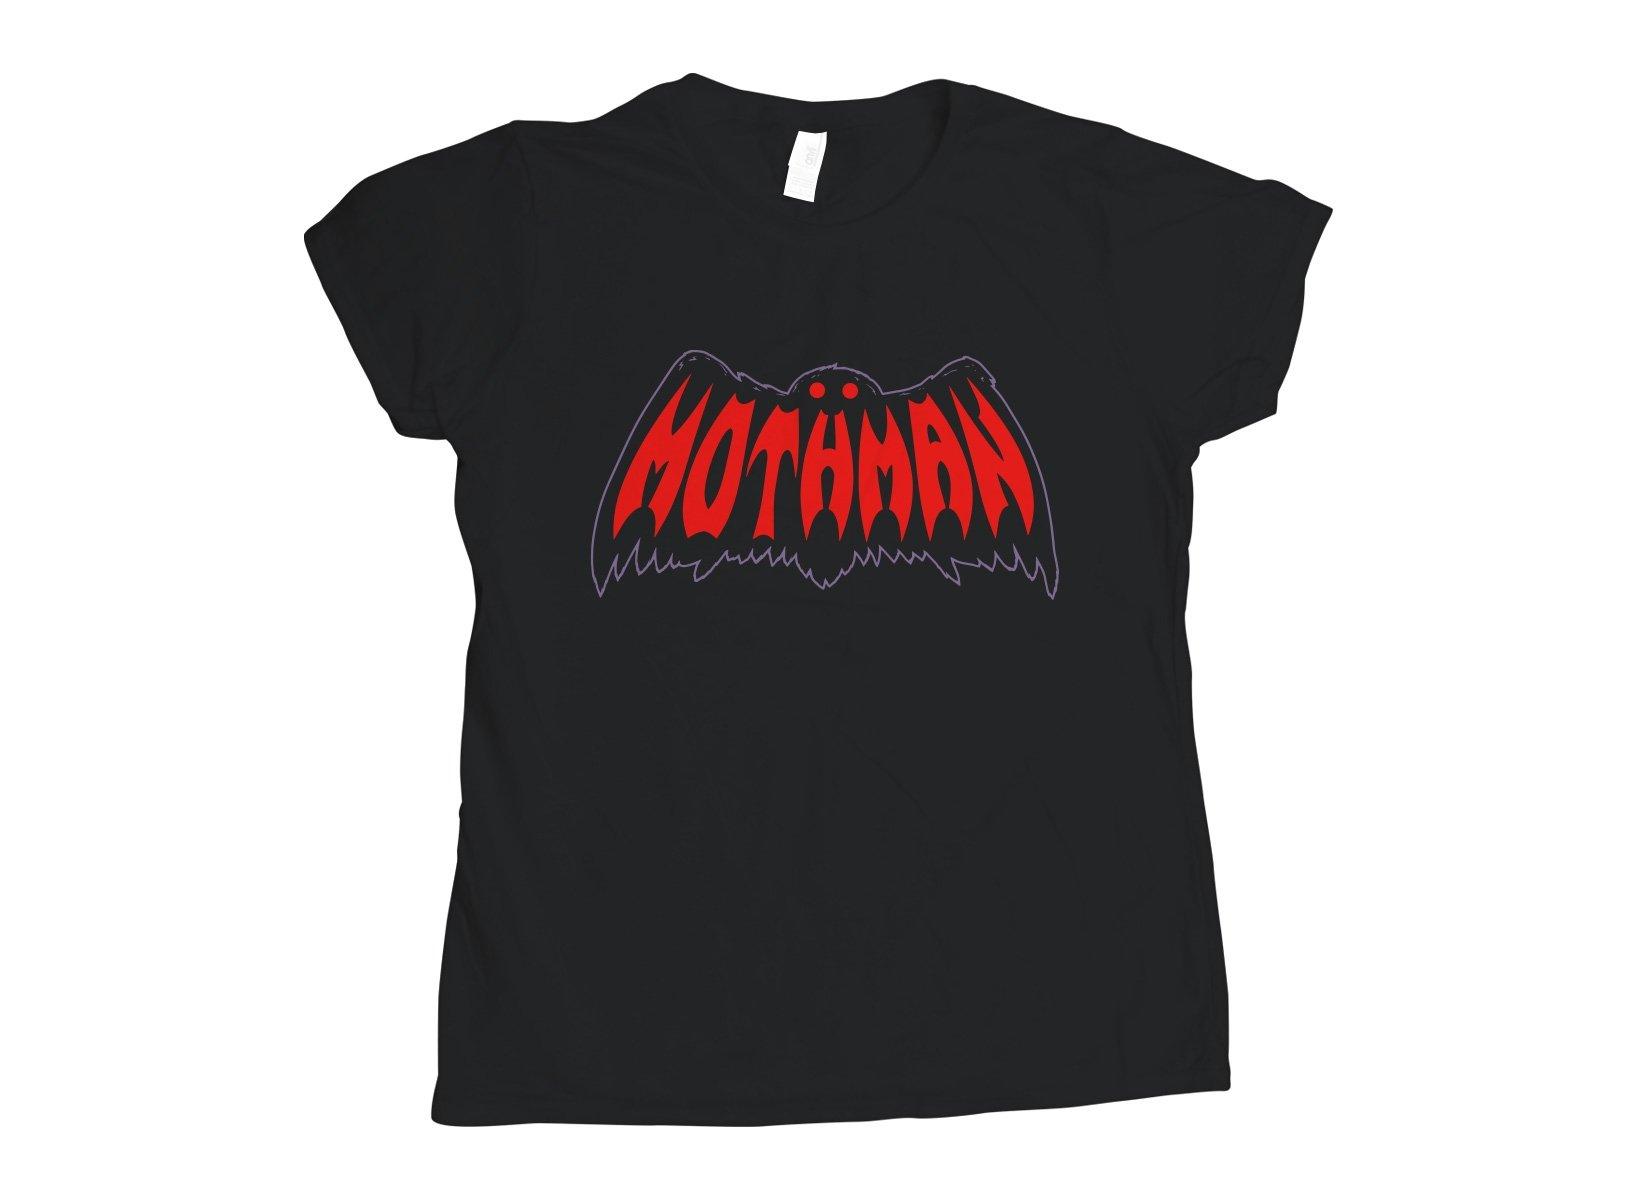 Mothman on Womens T-Shirt